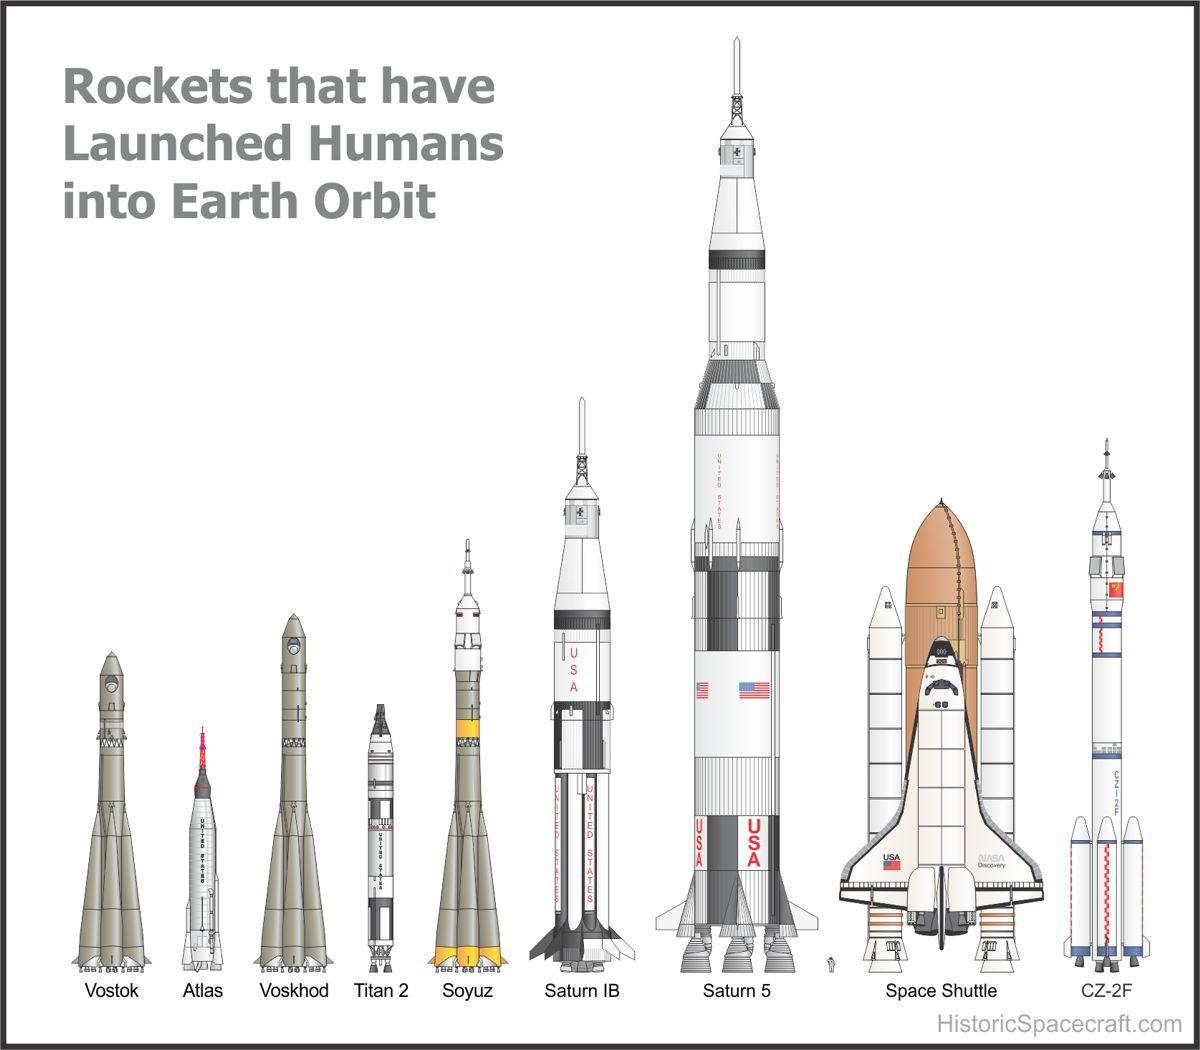 Los Cohetes Que Han Llevado A La Humanidad Al Espacio